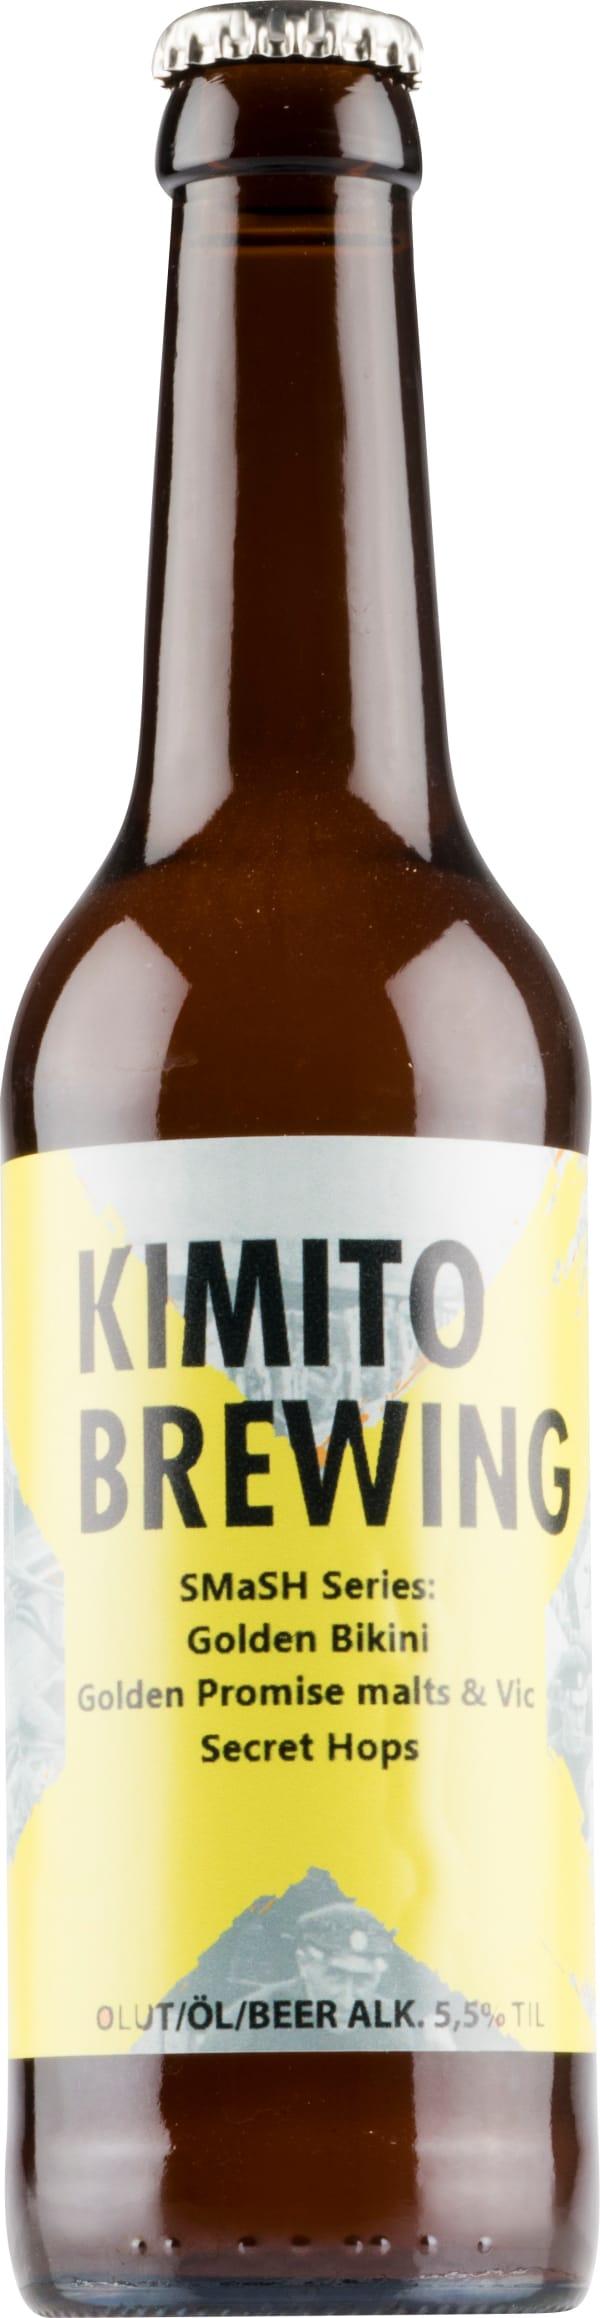 Kimito Smash Series Golden Bikini